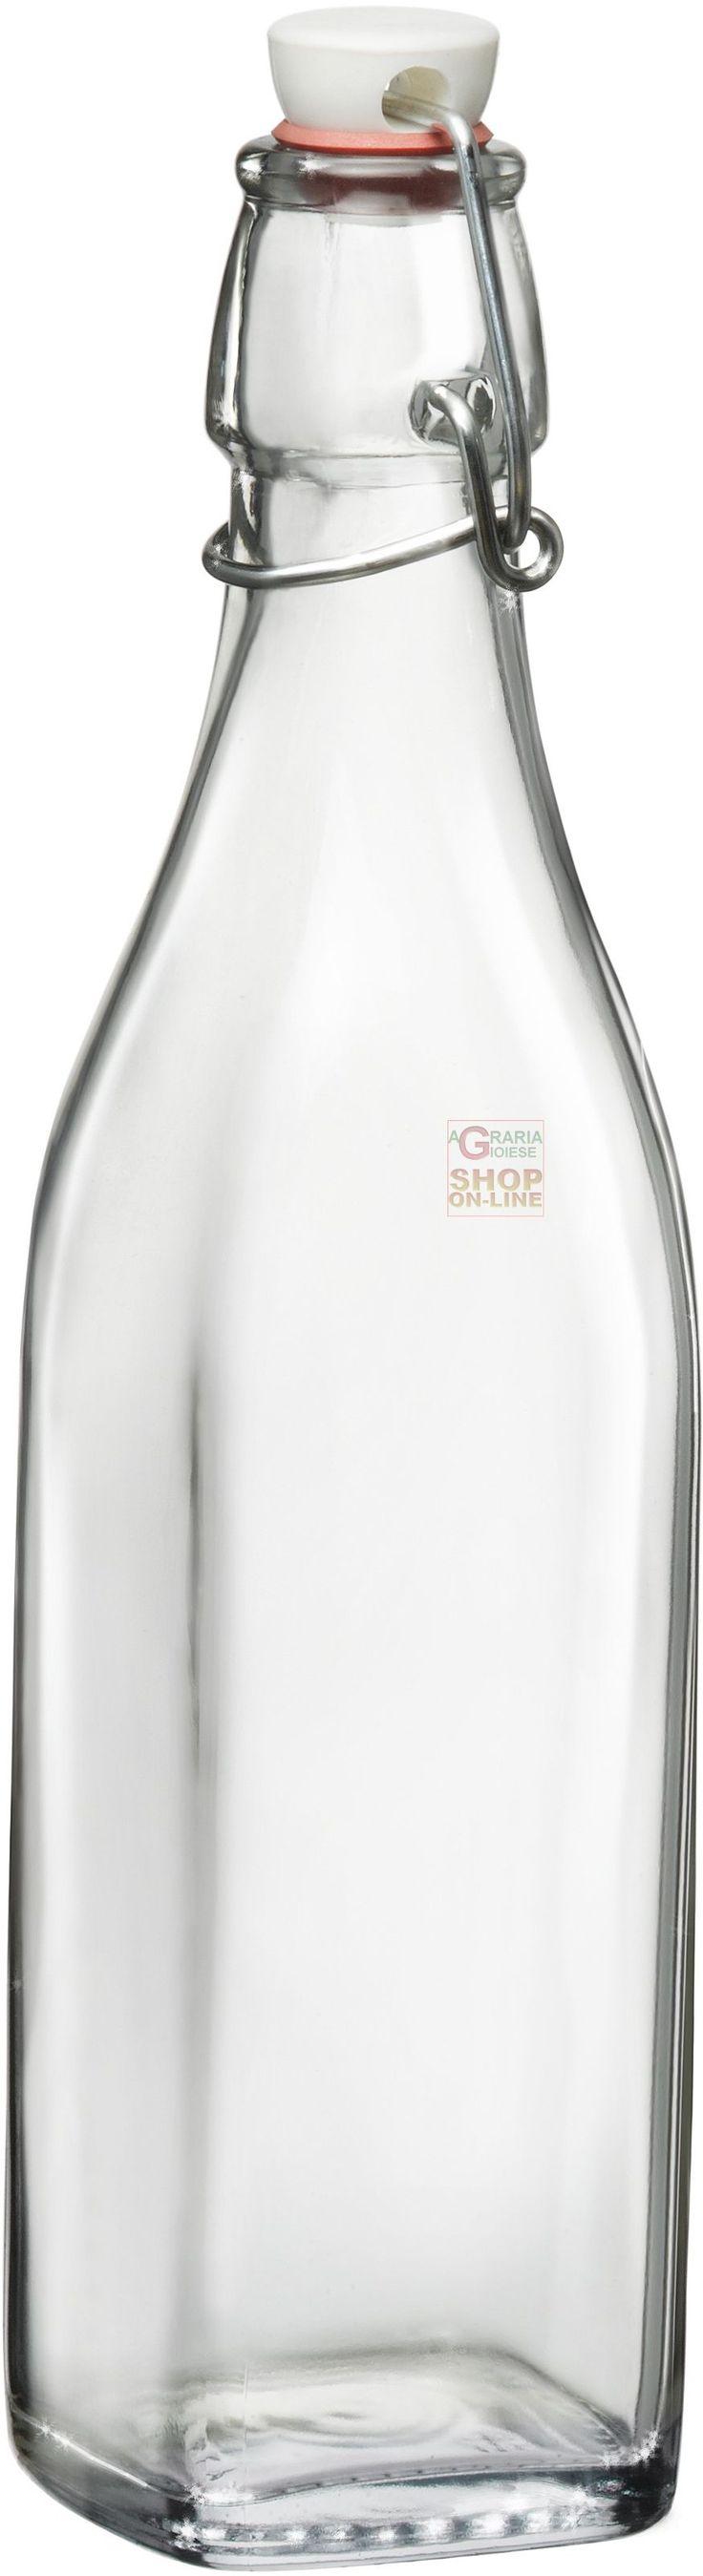 Bottiglia Bormioli Rocco Swing 250ml tappo meccanico in vetro acqua https://www.chiaradecaria.it/it/bottiglie-in-vetro/3065-bottiglia-bormioli-rocco-swing-250ml-tappo-meccanico-in-vetro-acqua-8004360051360.html